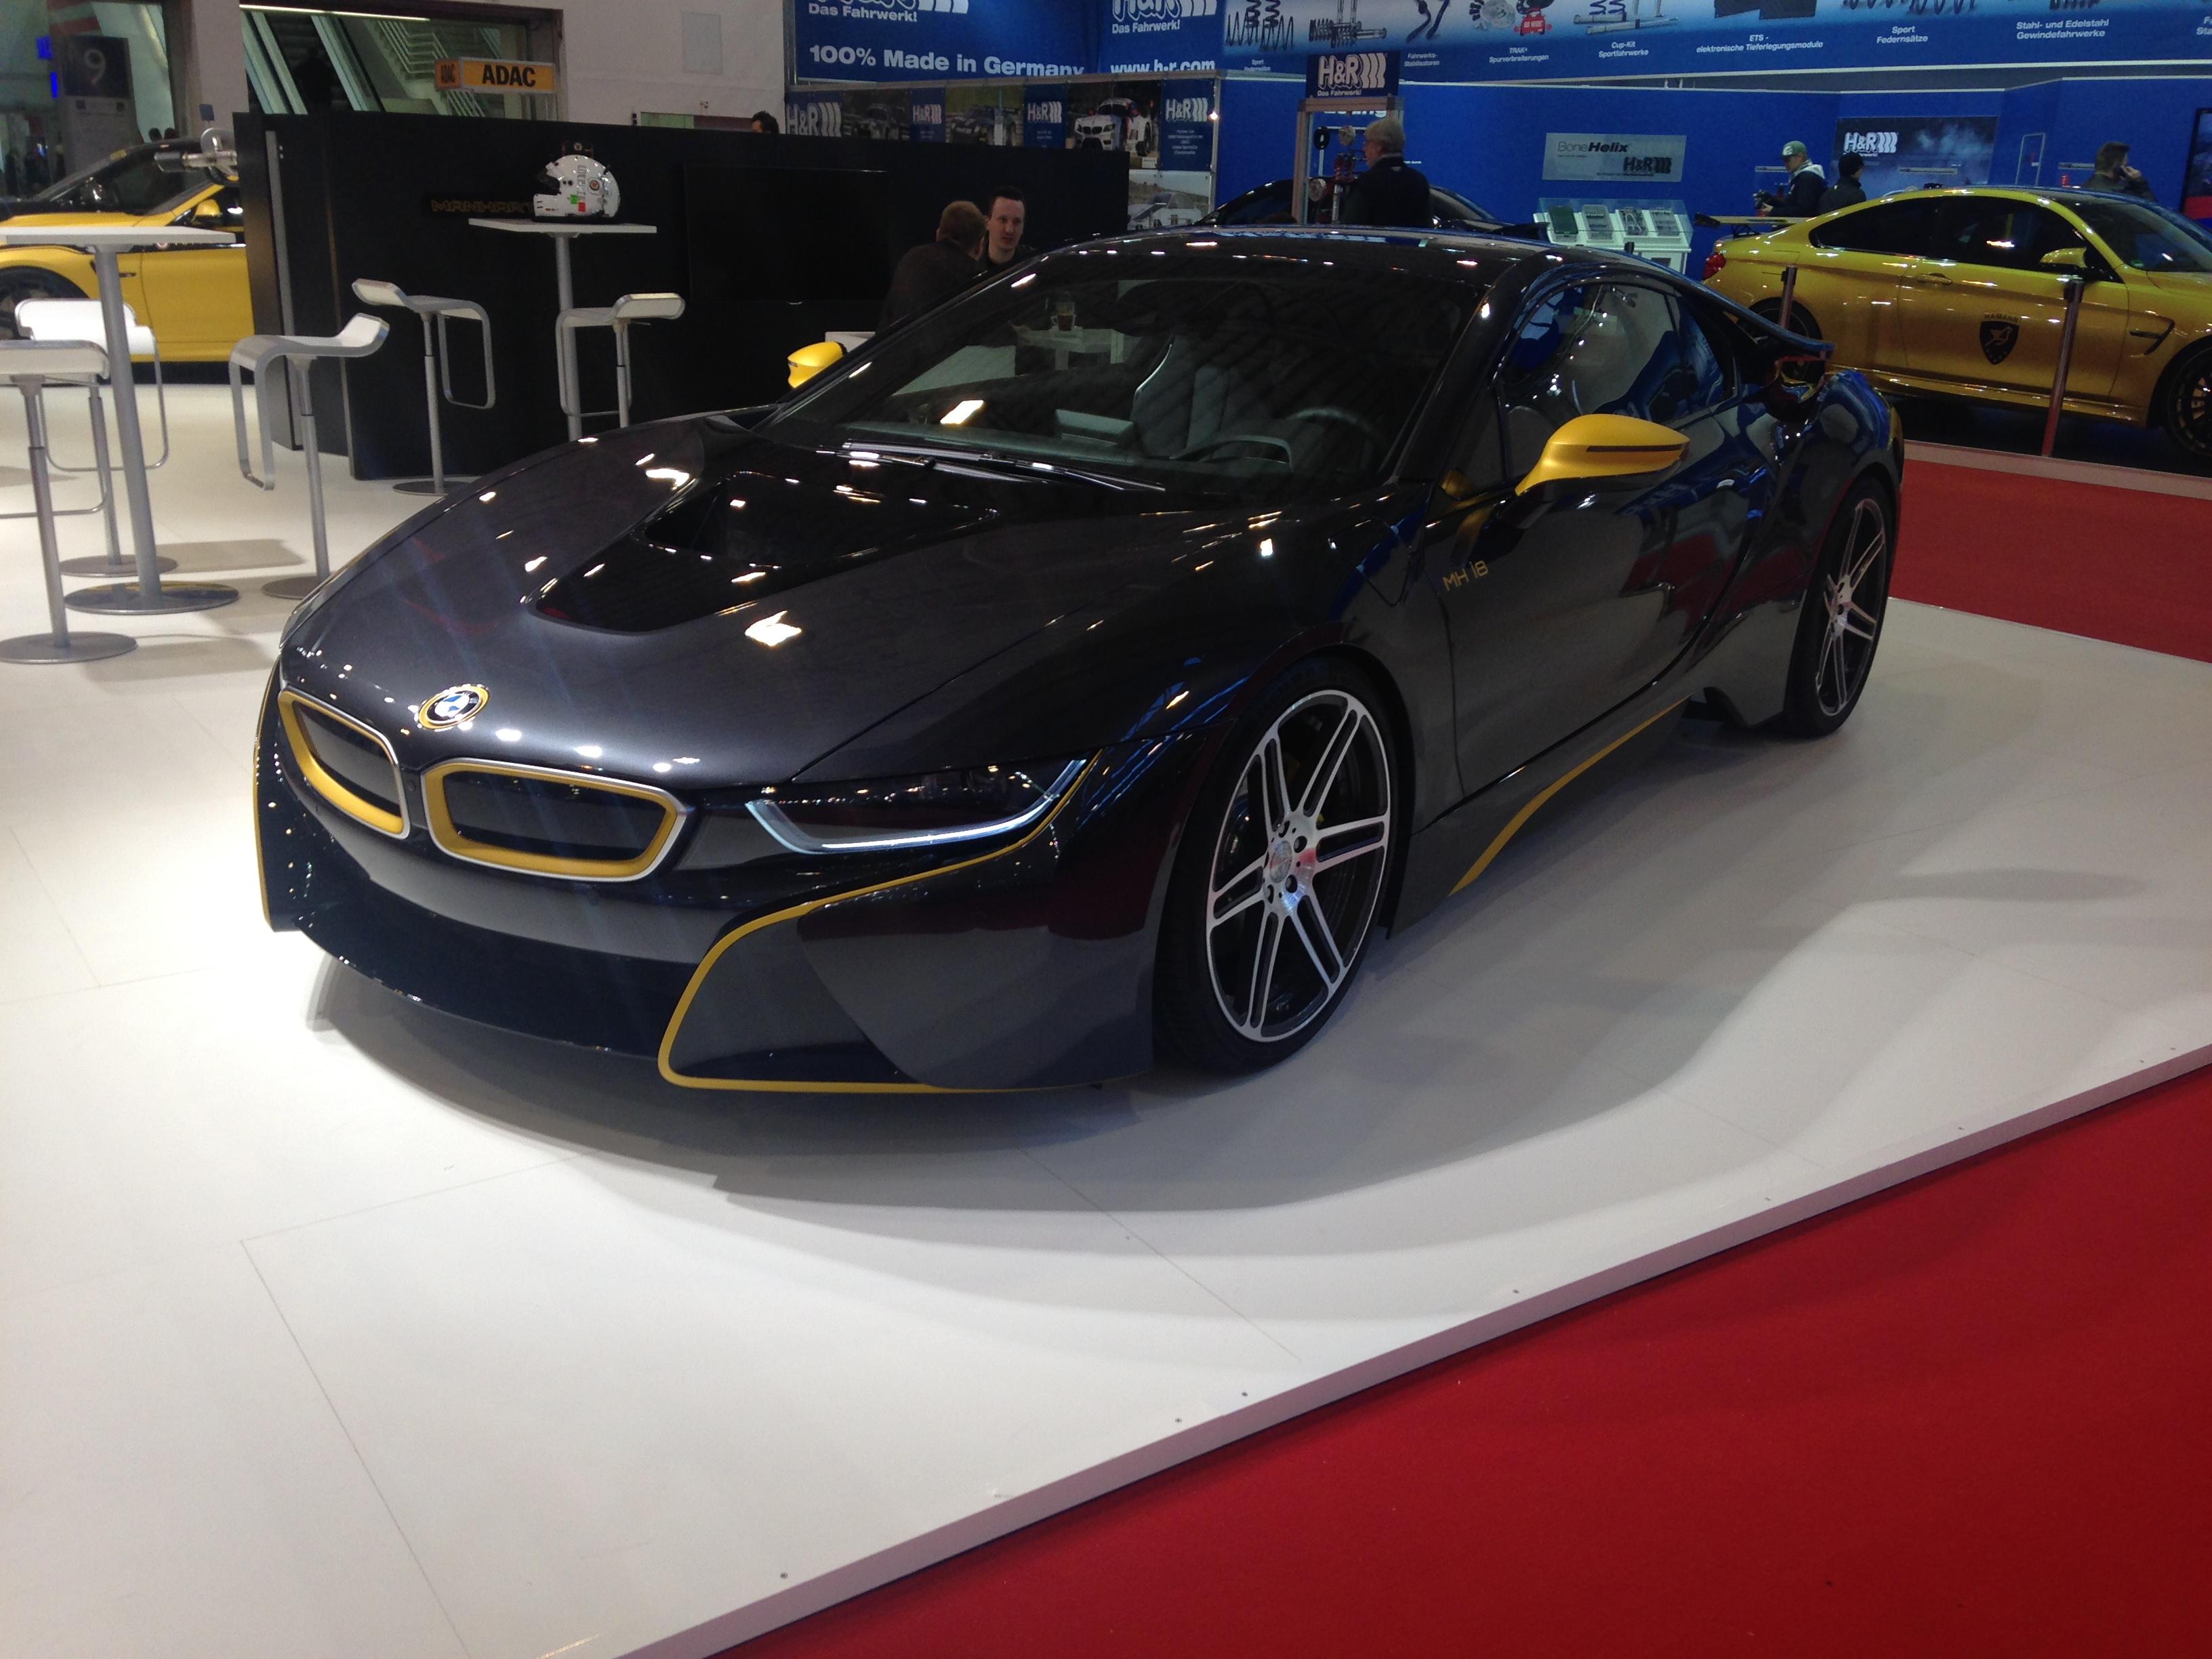 BMW i8 - Essen Motor Show 2014